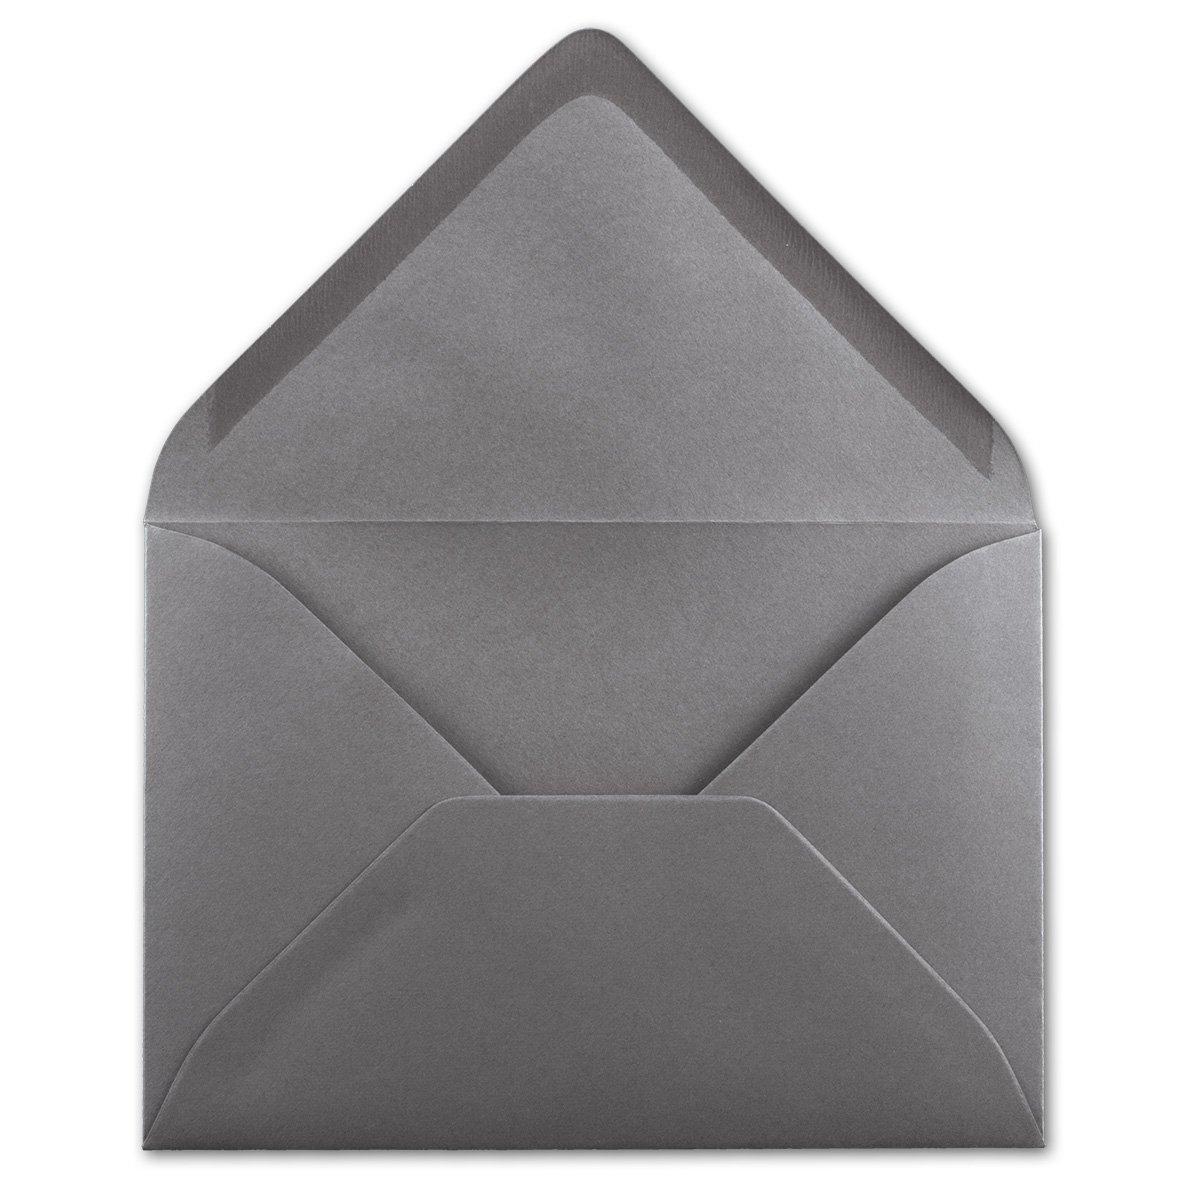 75x Brief-Umschl/äge in Graphit-Grau//Dunkelgrau Qualit/ätsmarke FarbenFroh/® Nassklebung ohne Fenster 80 g//m/² Kuverts in DIN B6 Format 12,5 x 17,5 cm